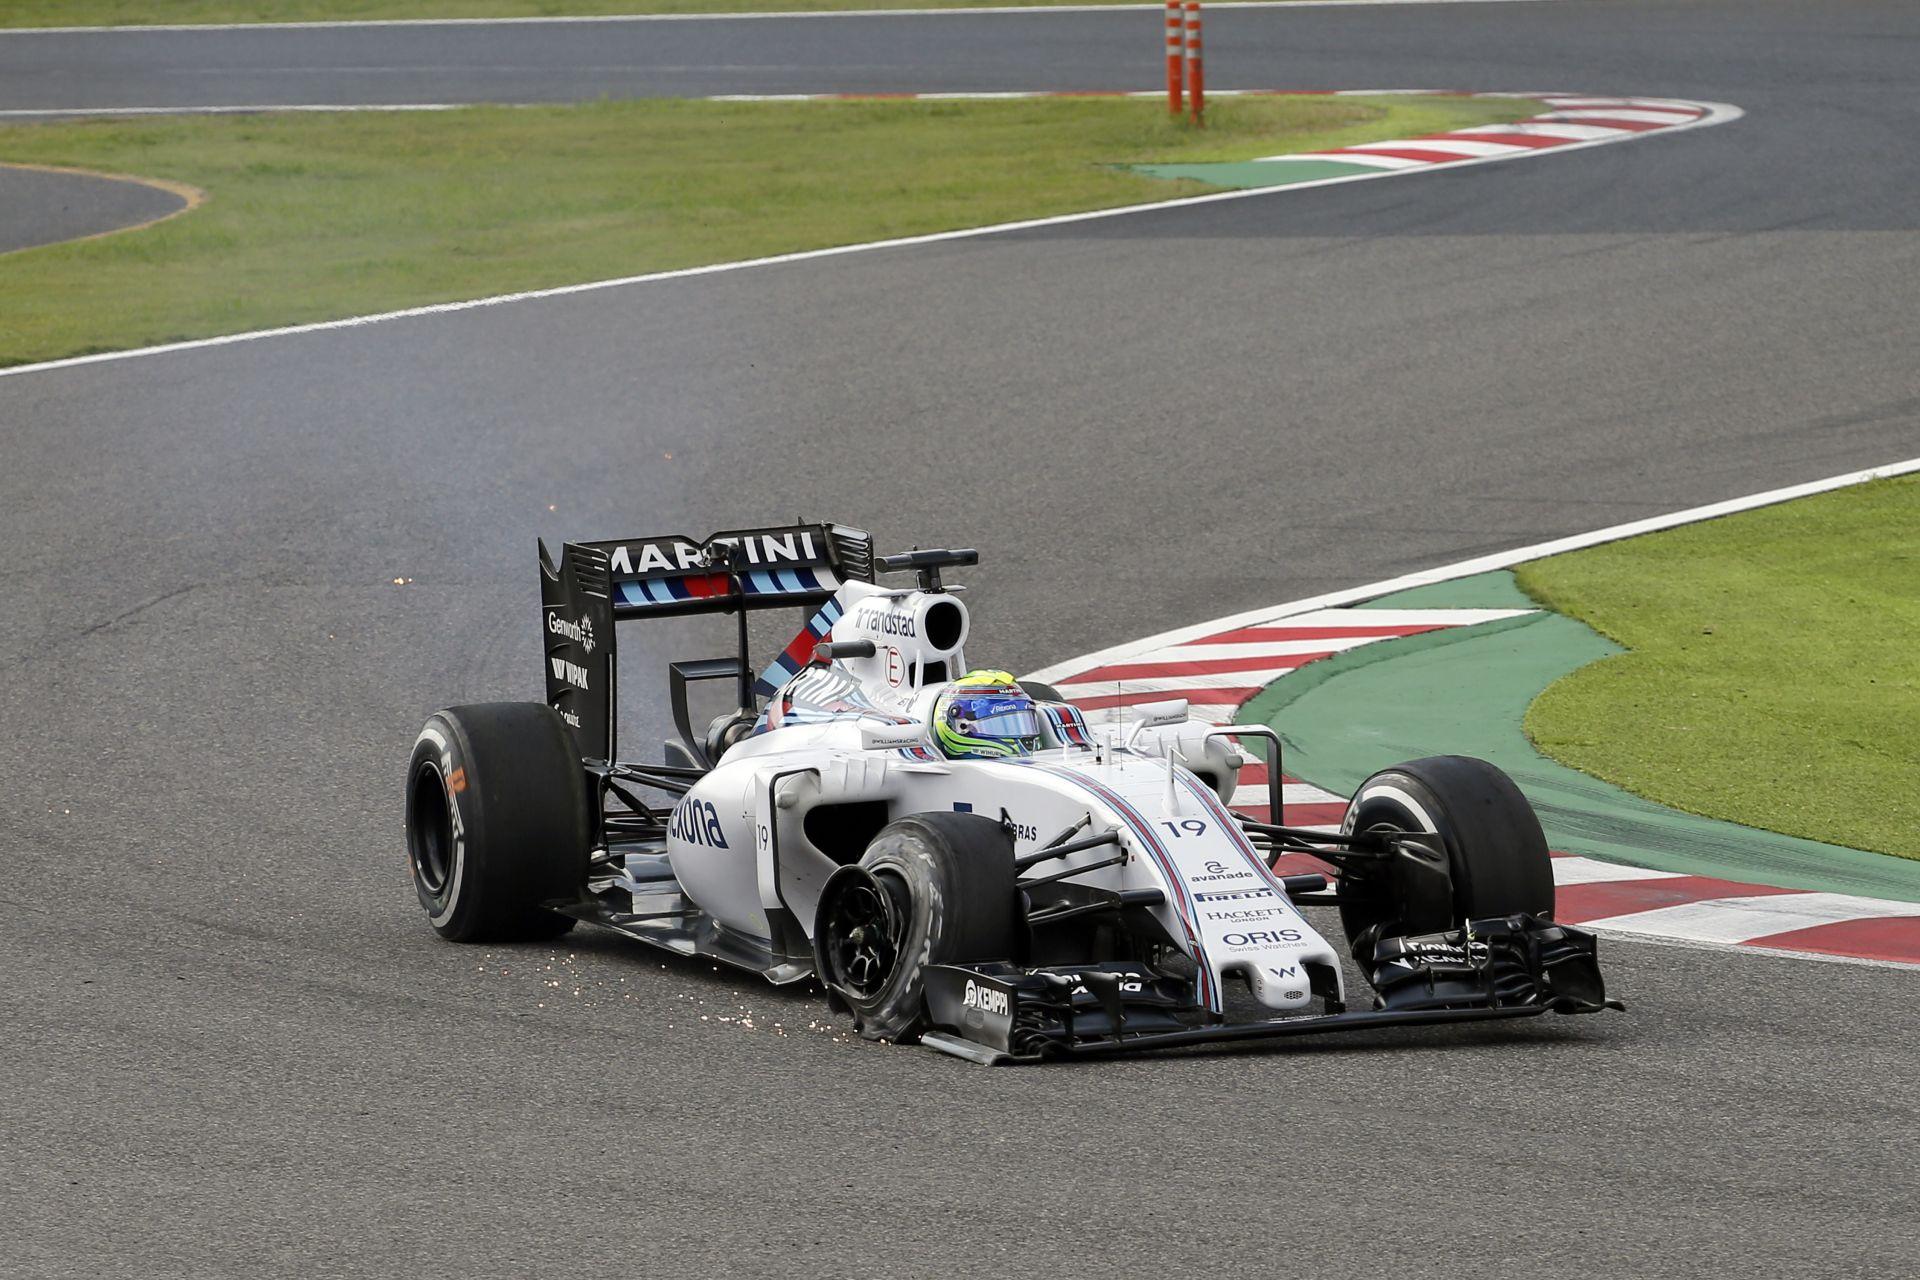 Hol lenne a Williams, ha megkapná a Mercedes legfrissebb motorját?